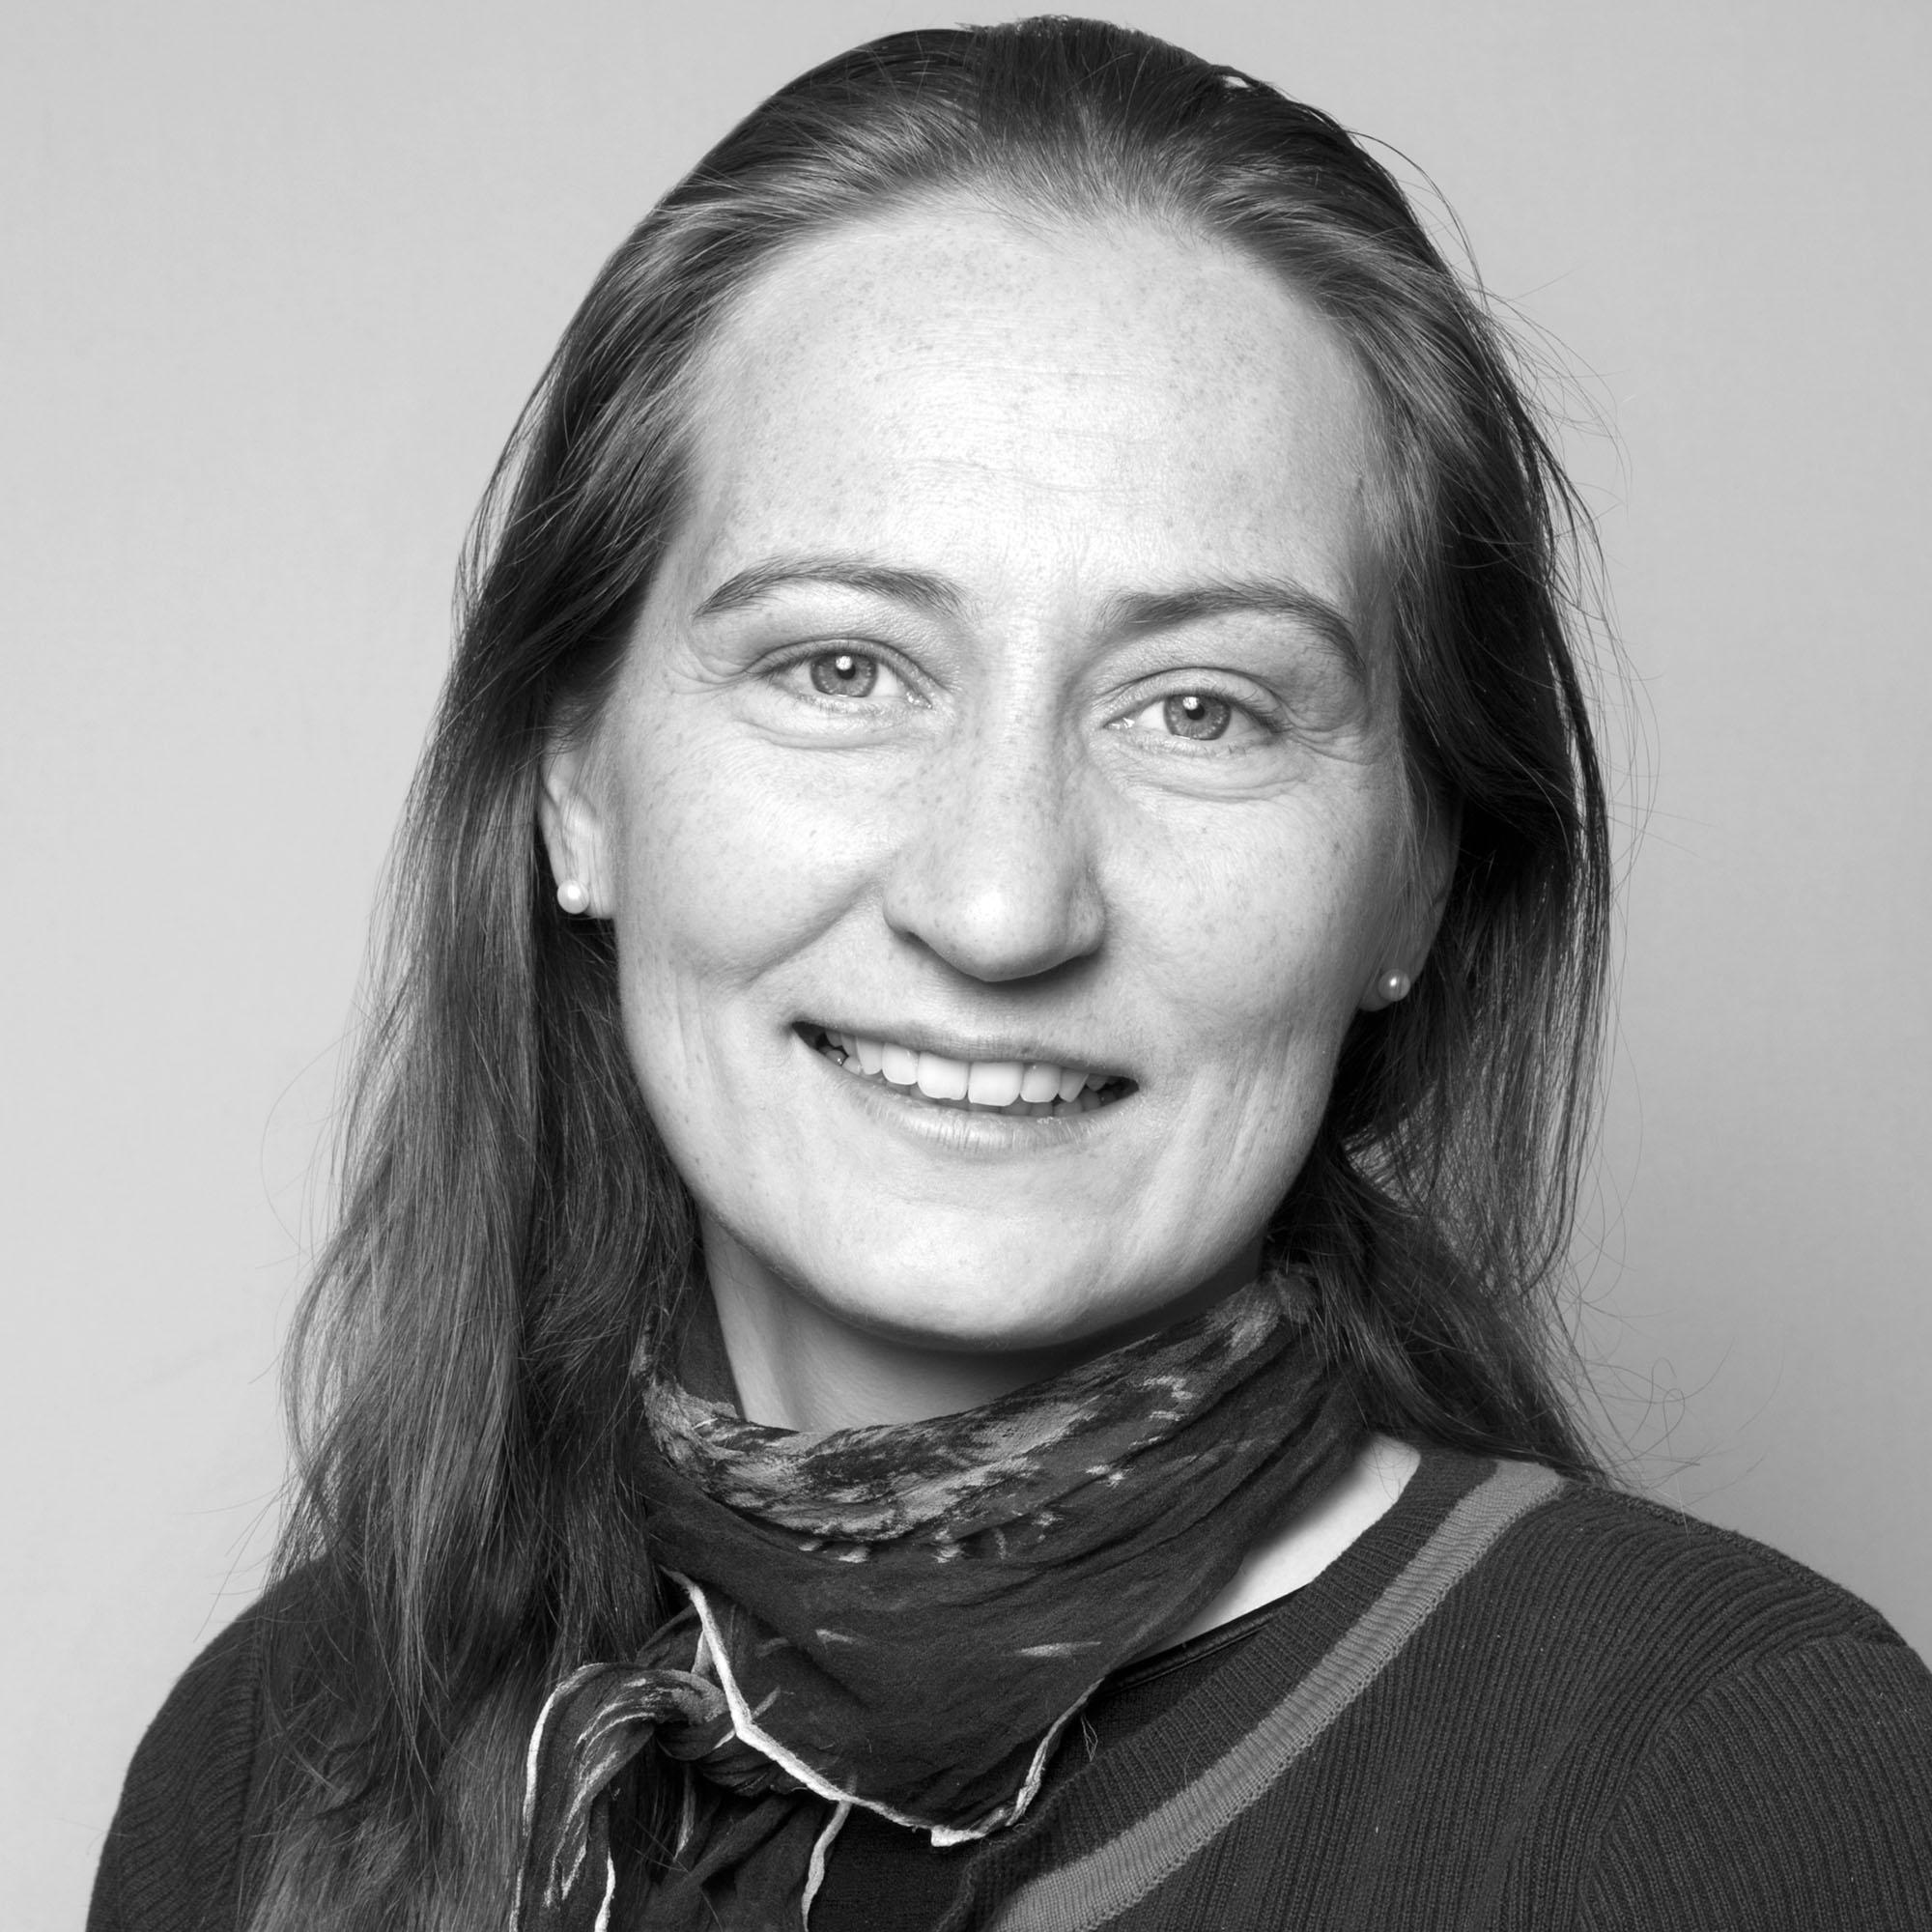 Forfattersamtale med Hilde Hagerup og Ragnfrid Trohaug 26.10